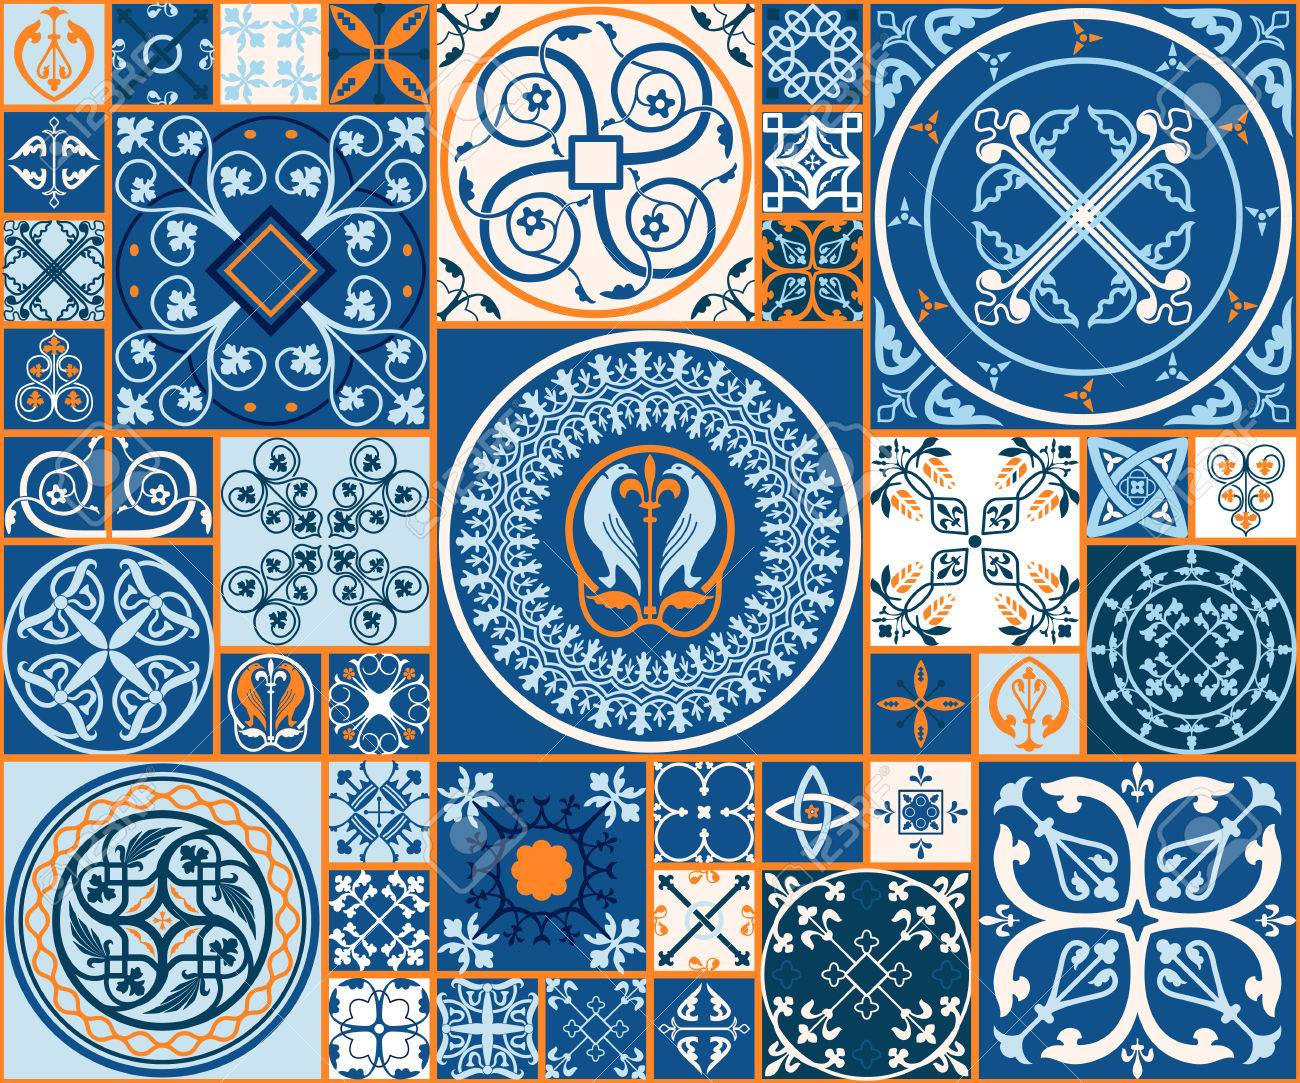 ベクトル図のモロッコ タイルのデザイン 背景 バナーのシームレスなパターン 壁紙 セラミック 繊維のスペインの要素です 中世飾りテクスチャ テンプレートのイラスト素材 ベクタ Image 5410